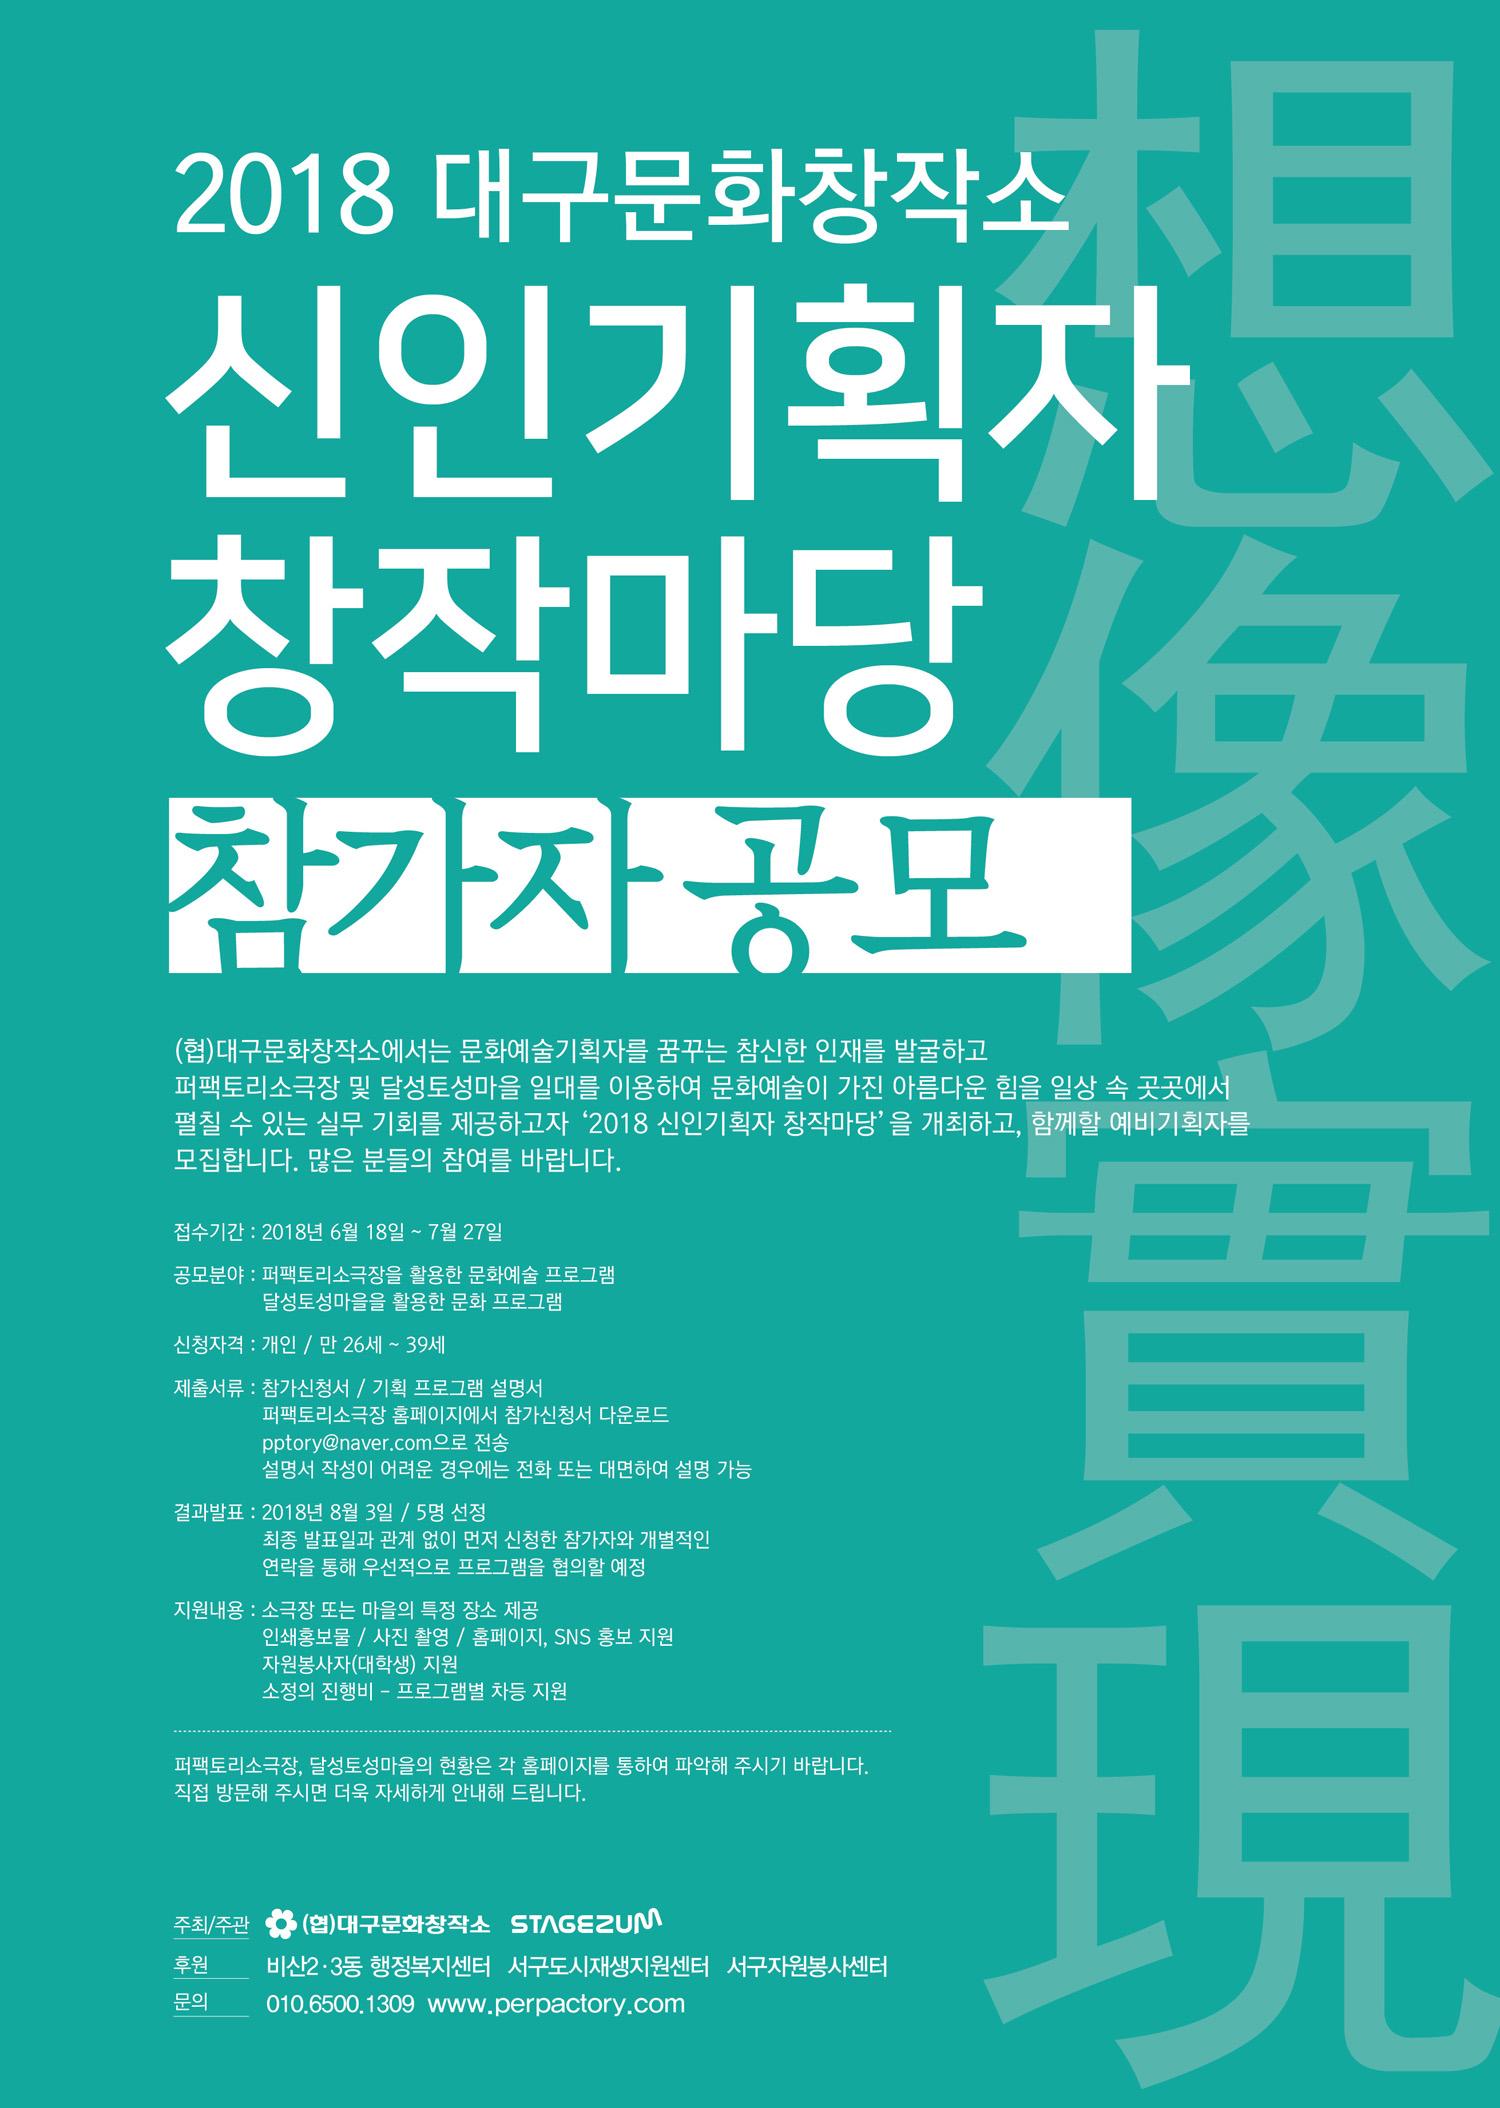 대구문화창작소 신인기획자 창작마당 참가자 공모